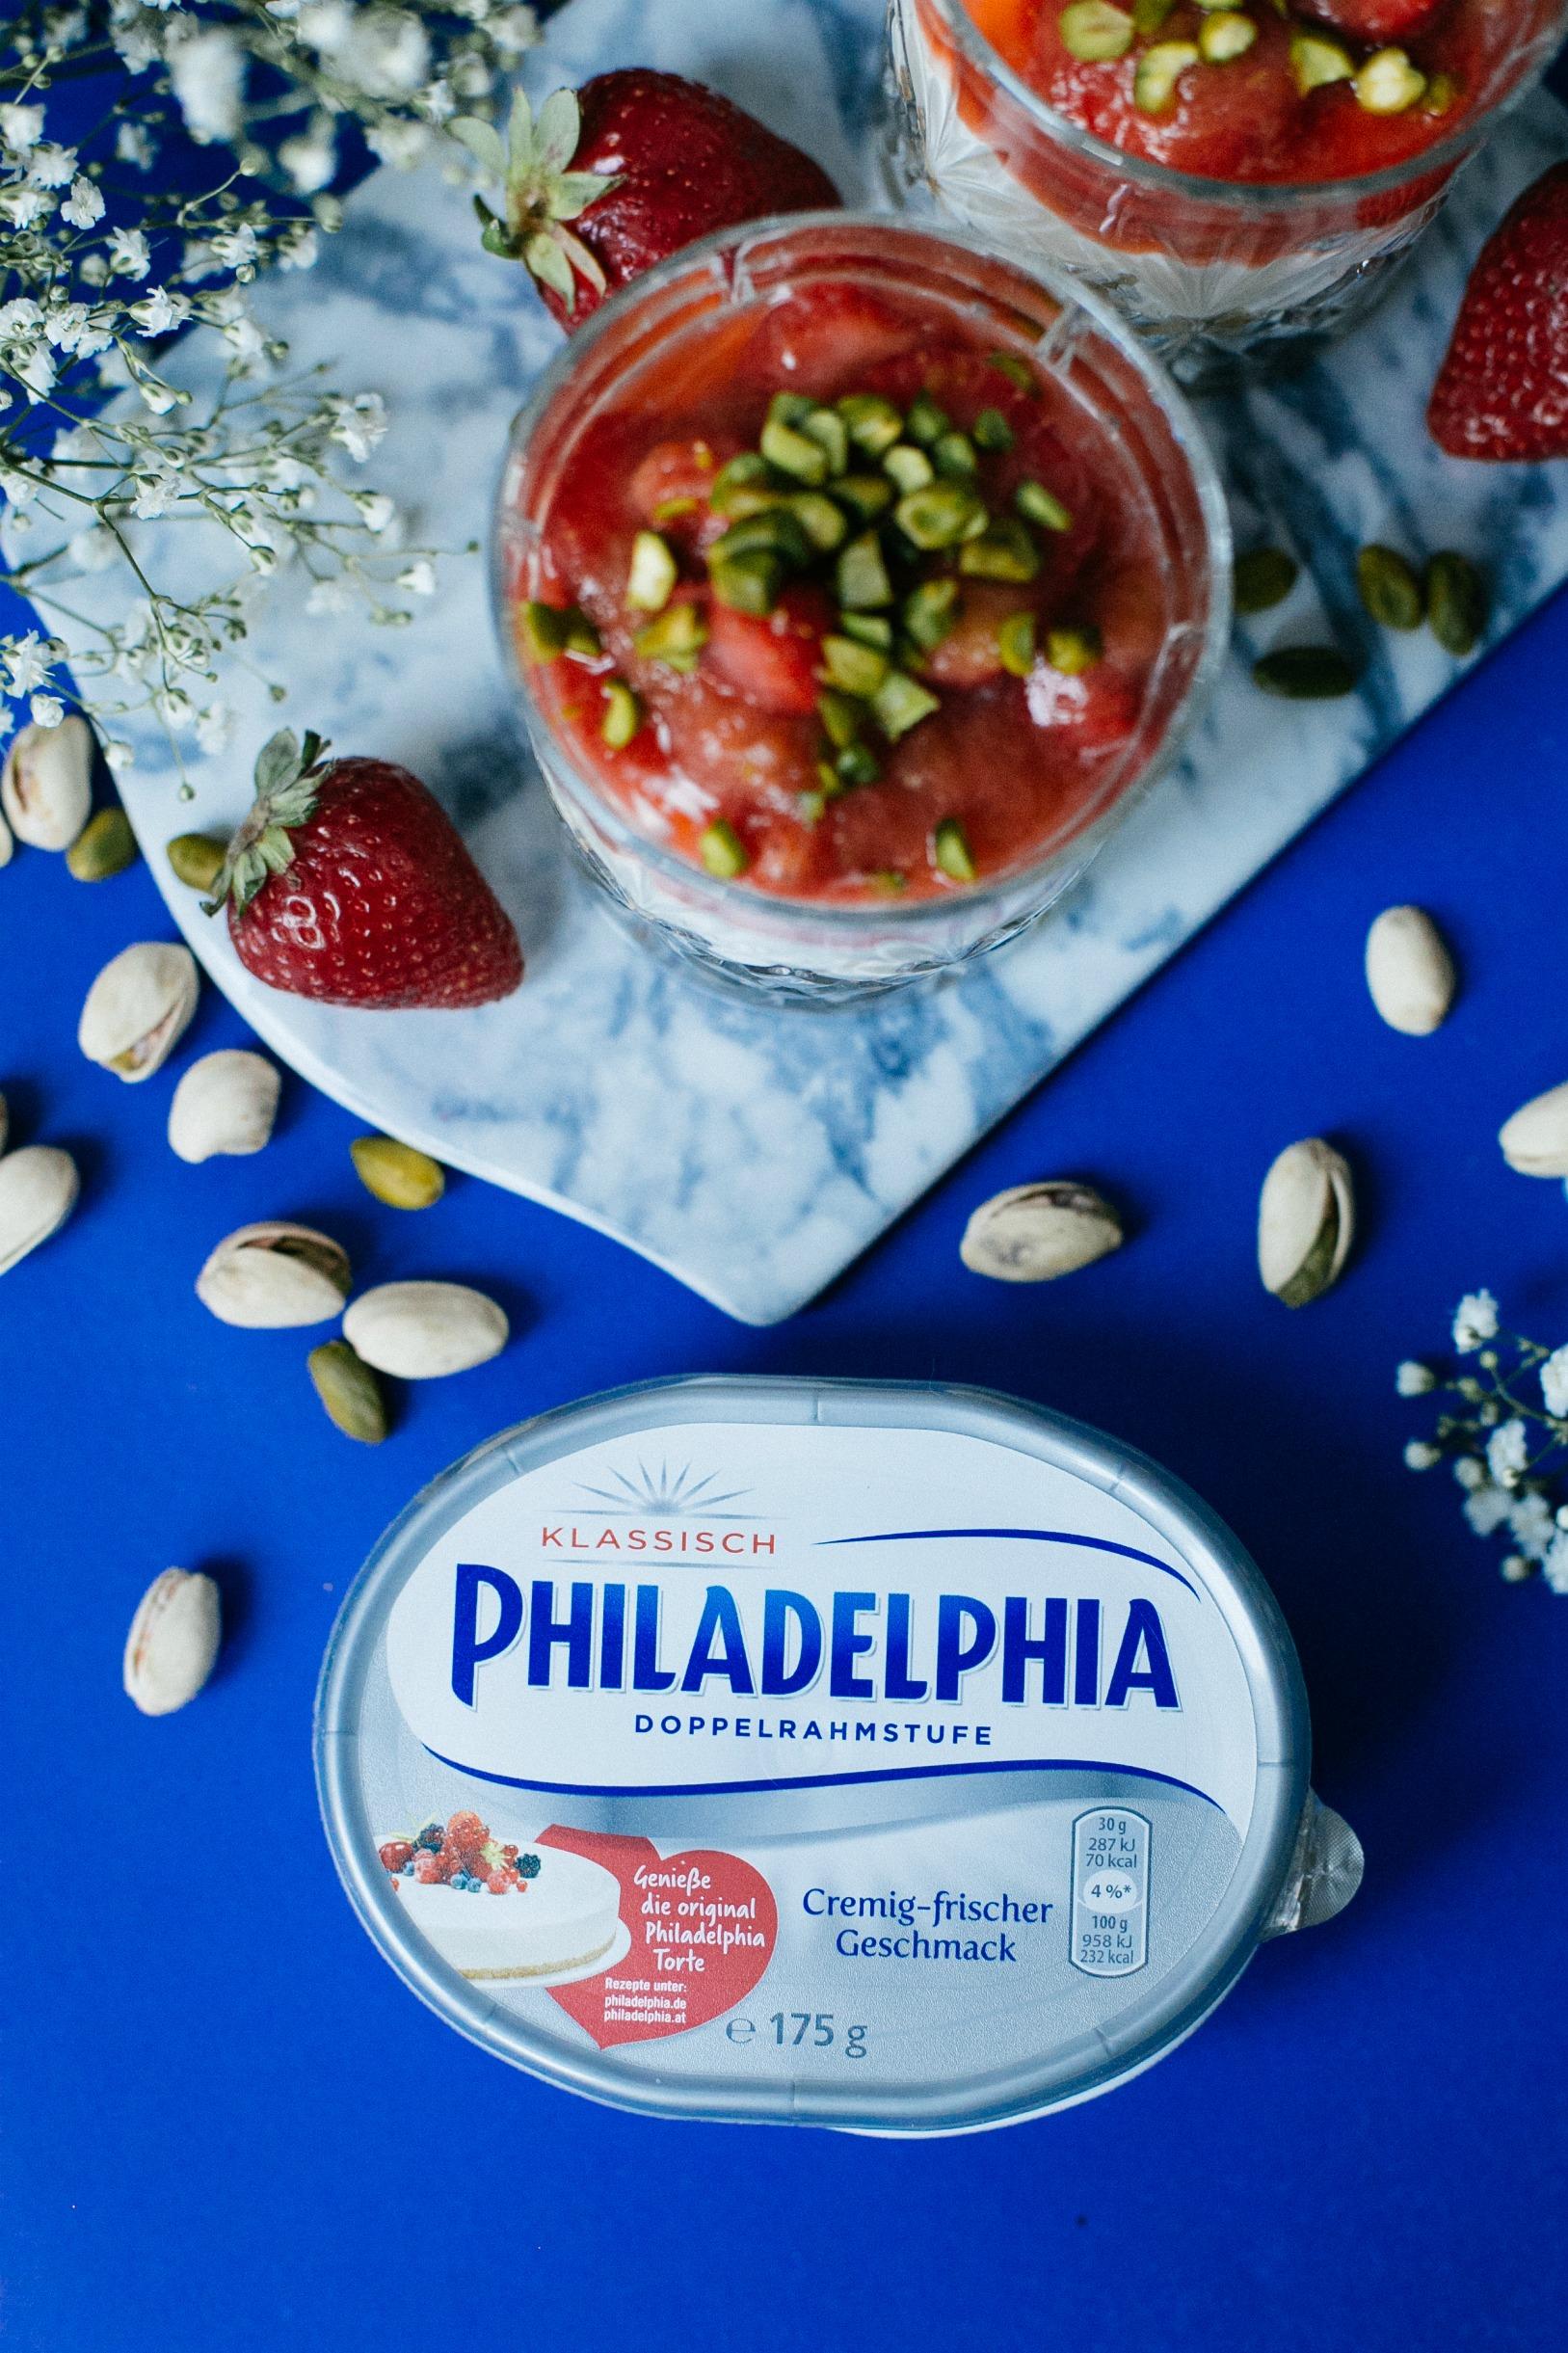 Philadelphia torte kcal